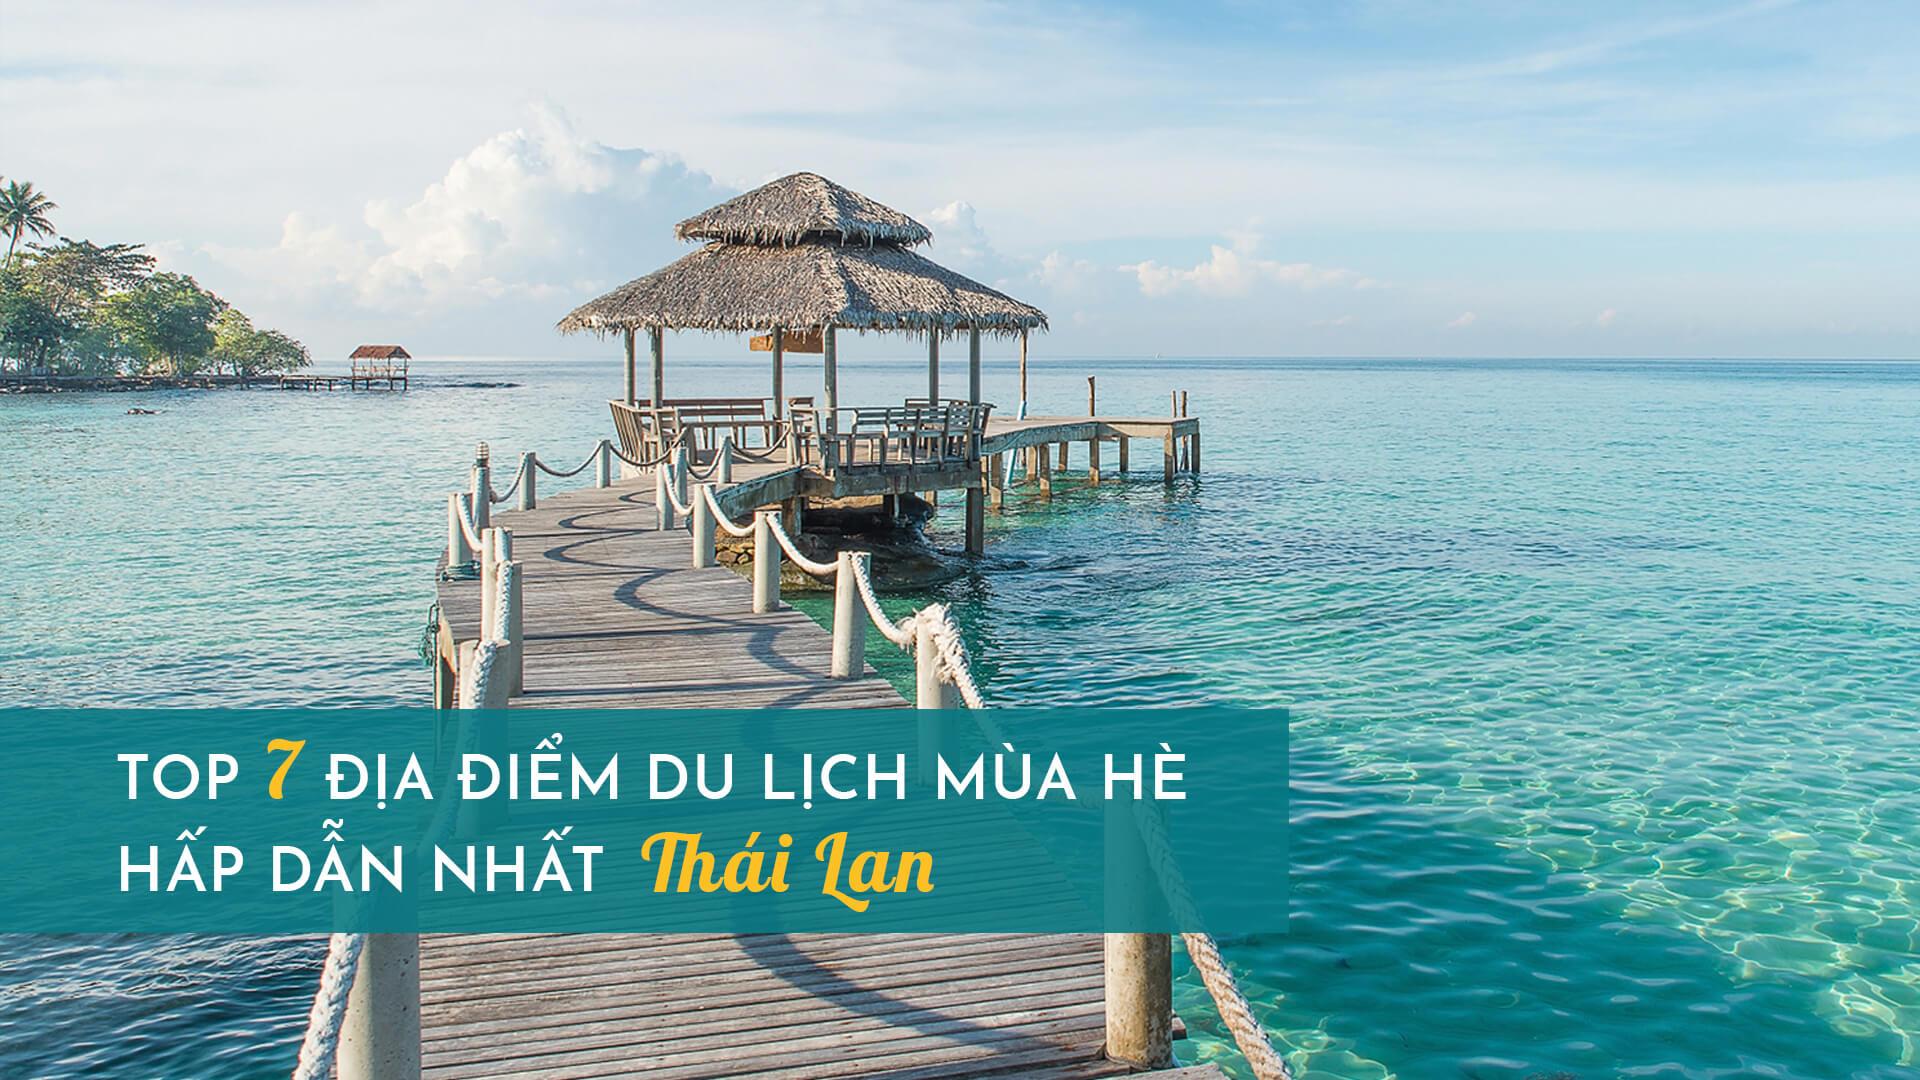 Top 7 điểm du lịch mùa hè hấp dẫn nhất Thái Lan